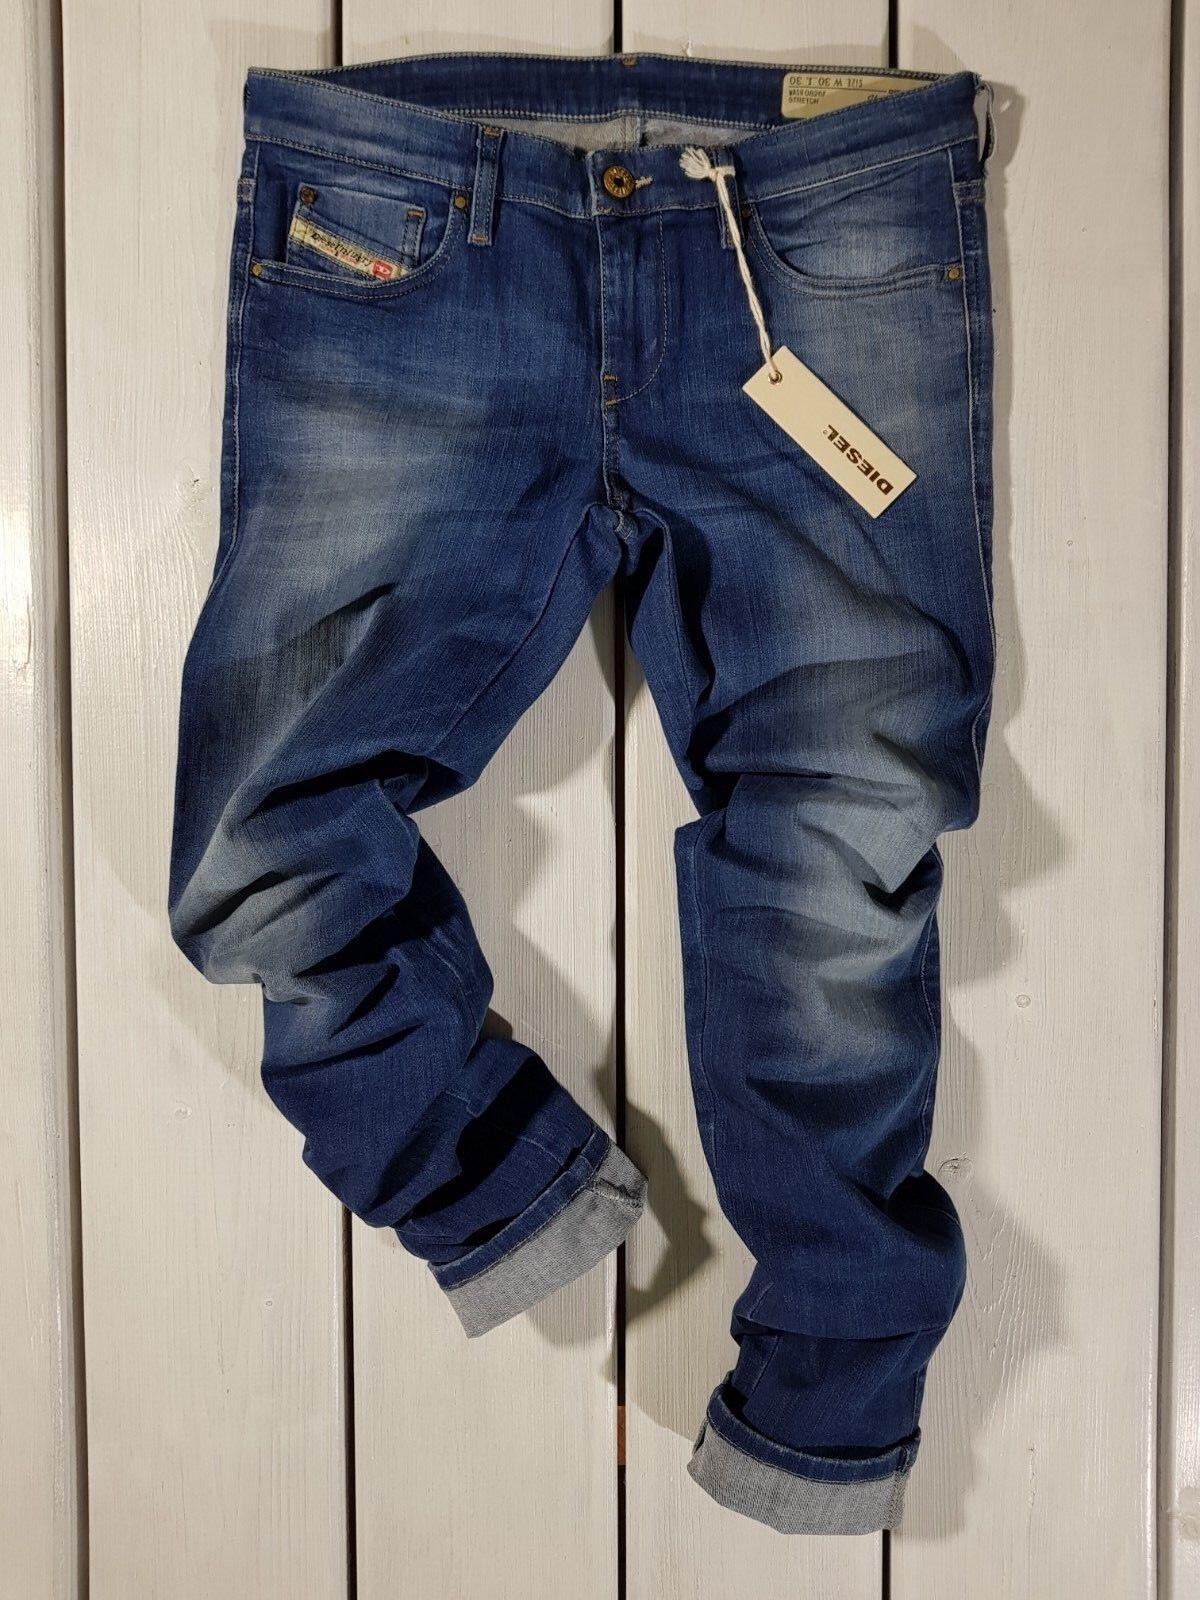 Prezzo di Vendita Consigliato Nuovo Diesel DONNA Jeans Skinzee-Low 0826f